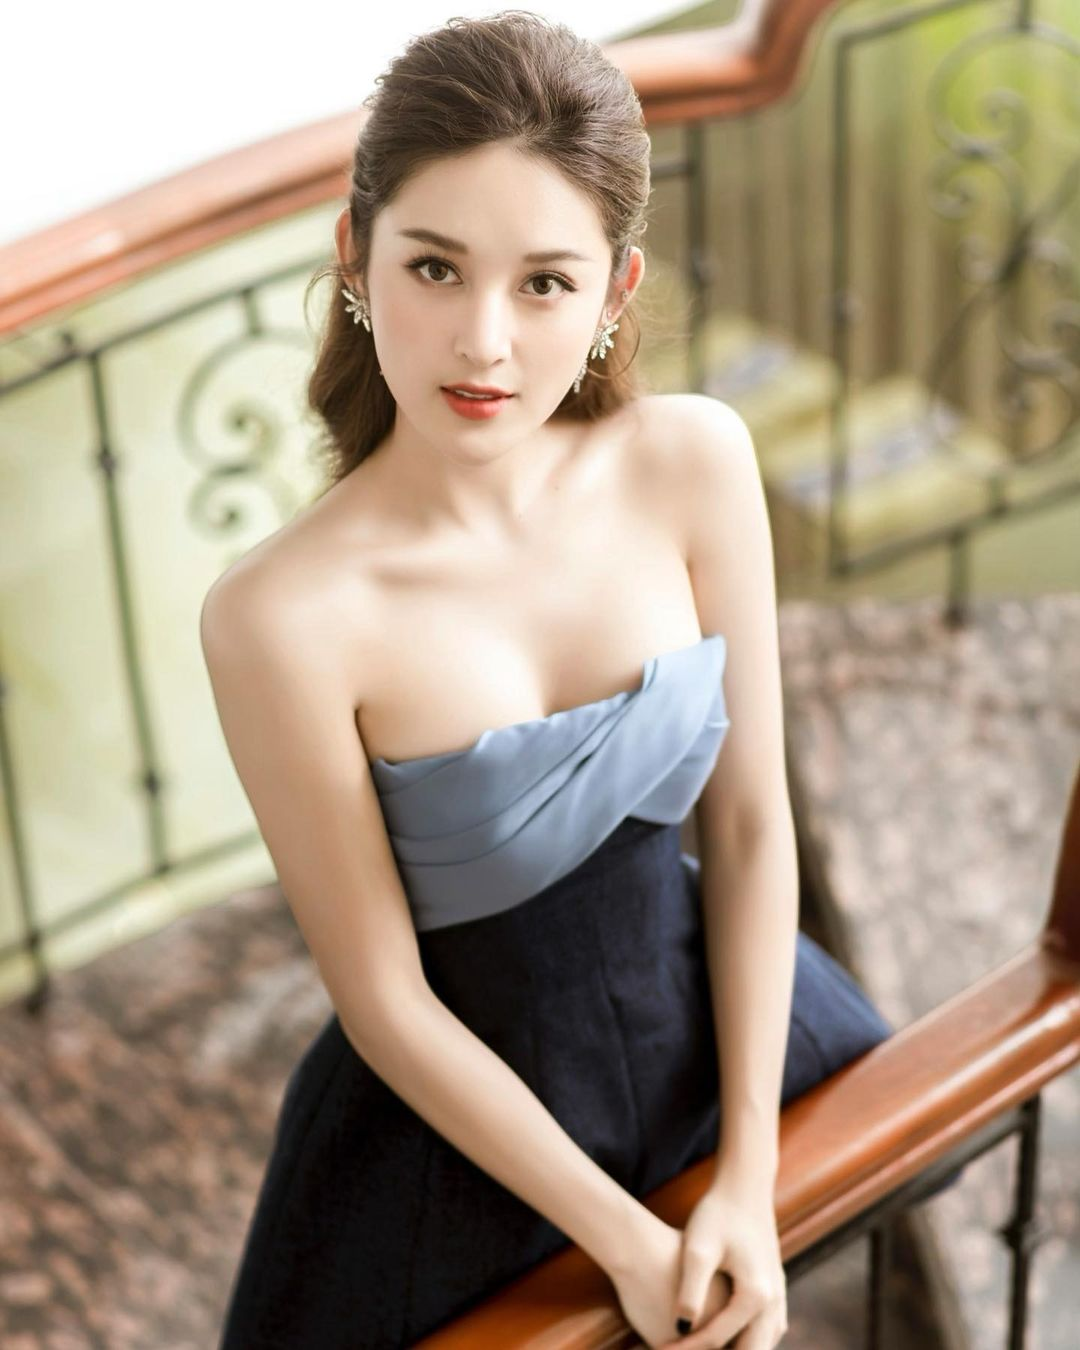 """Cô gái Việt được báo xứ Trung tung hô có khuôn ngực đẹp như """"đệ nhất vòng 1"""" nước này - hình ảnh 3"""